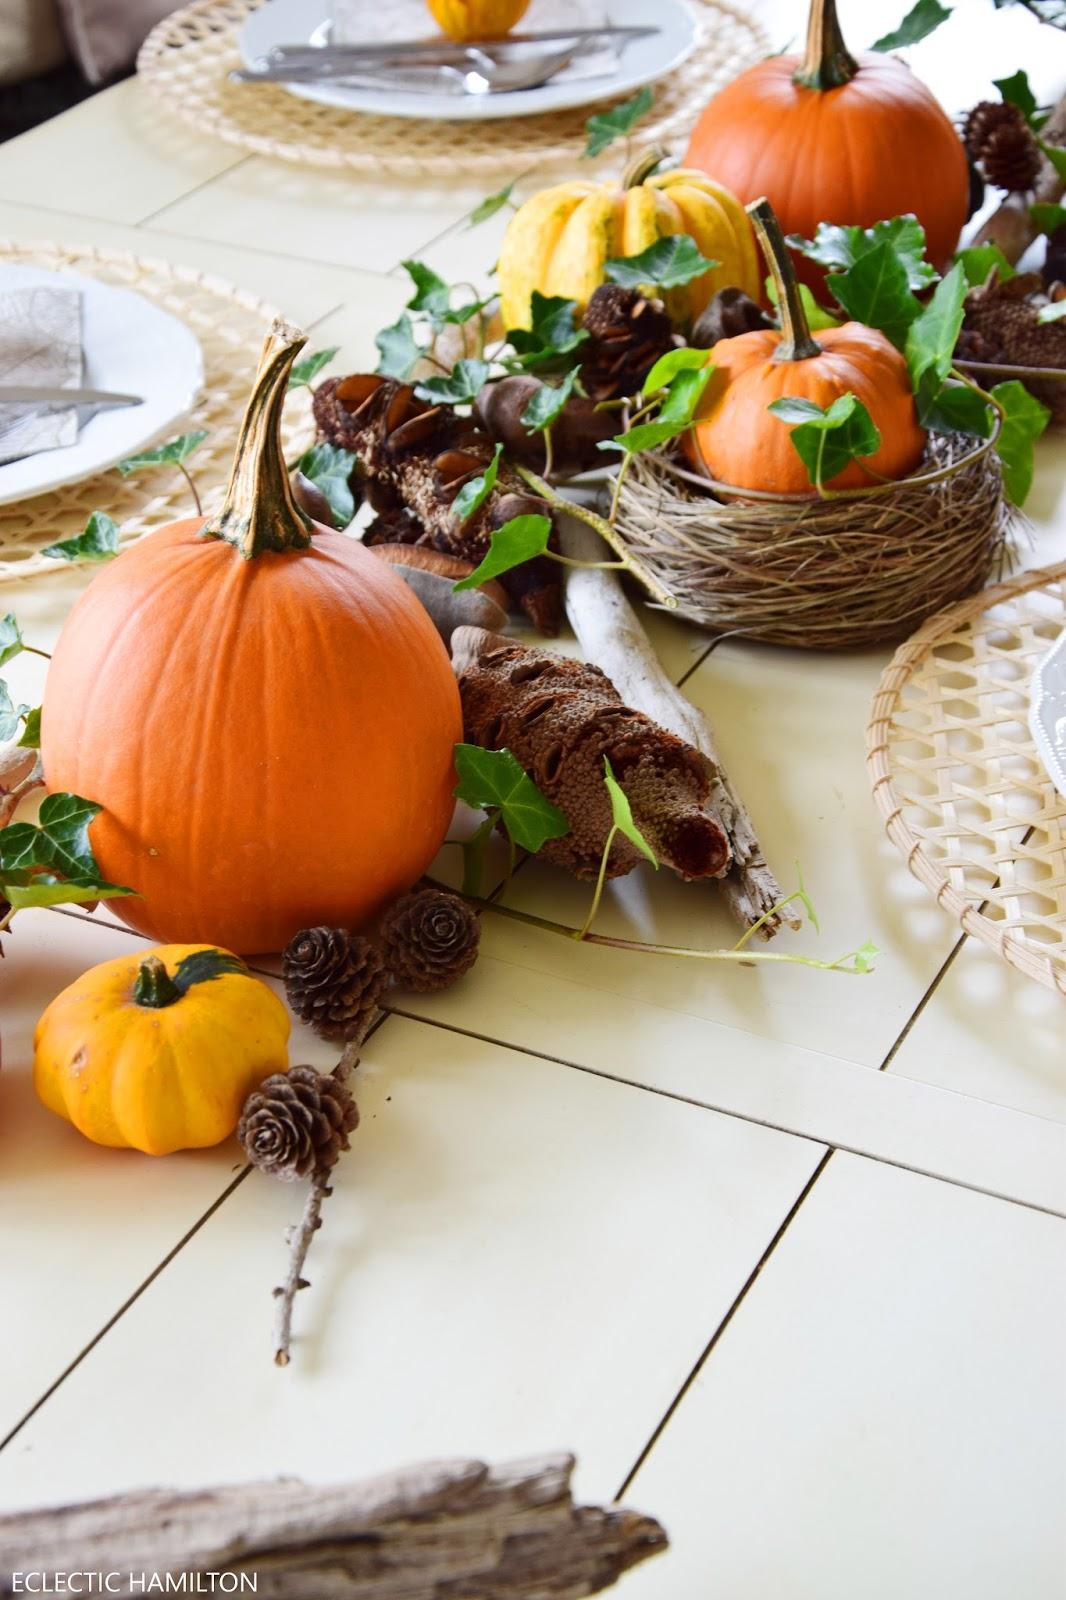 Dekoideen mit Kürbis für den Herbst. Kürbisse natürlich dekorieren. Tischdeko, Tisch dekorieren Herbstdeko, herbstliche Deko, Esszimmer